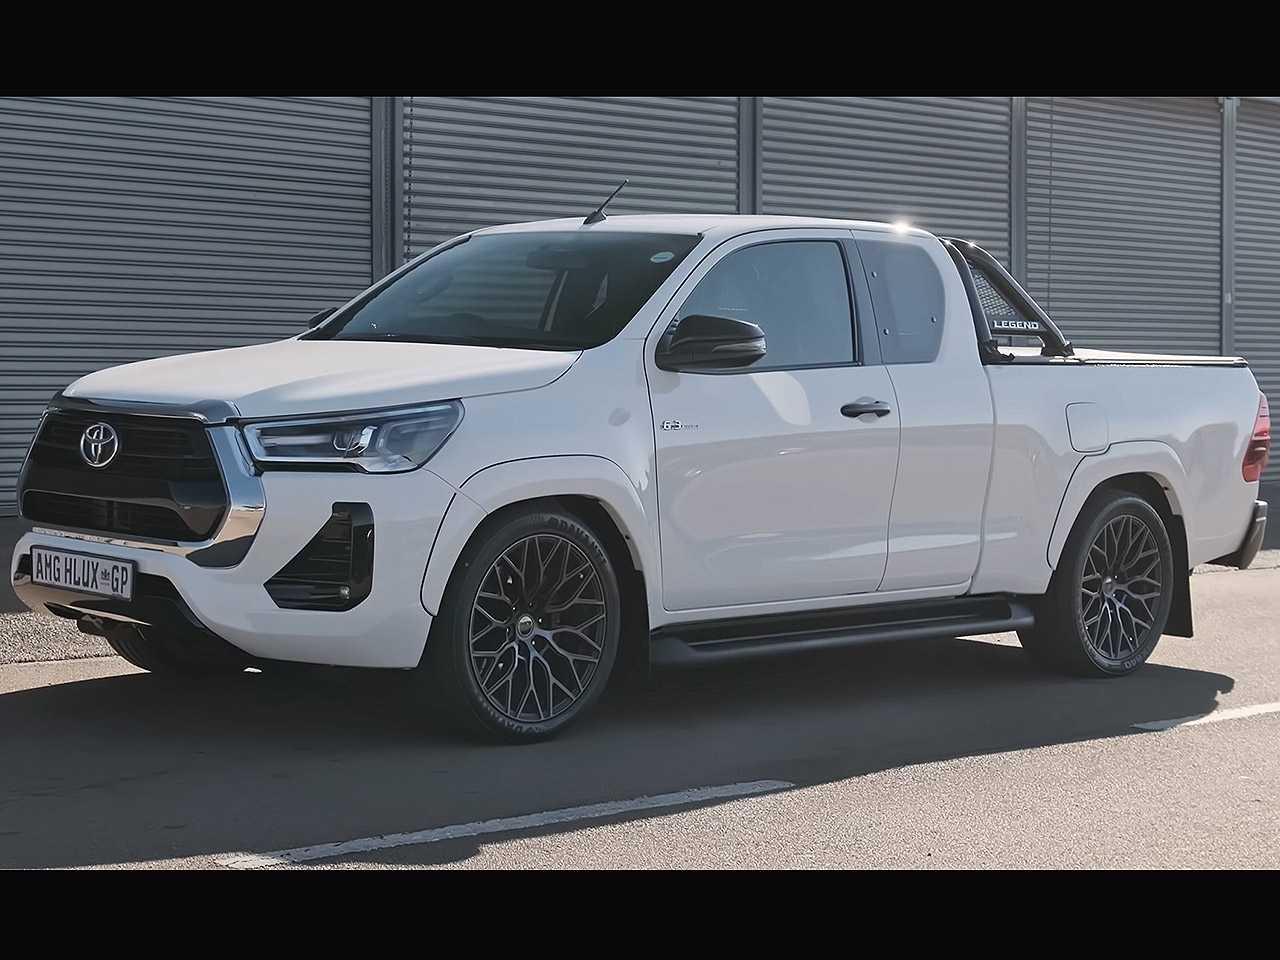 Acima a Hilux com motor V8 criada por empresário sul-africano